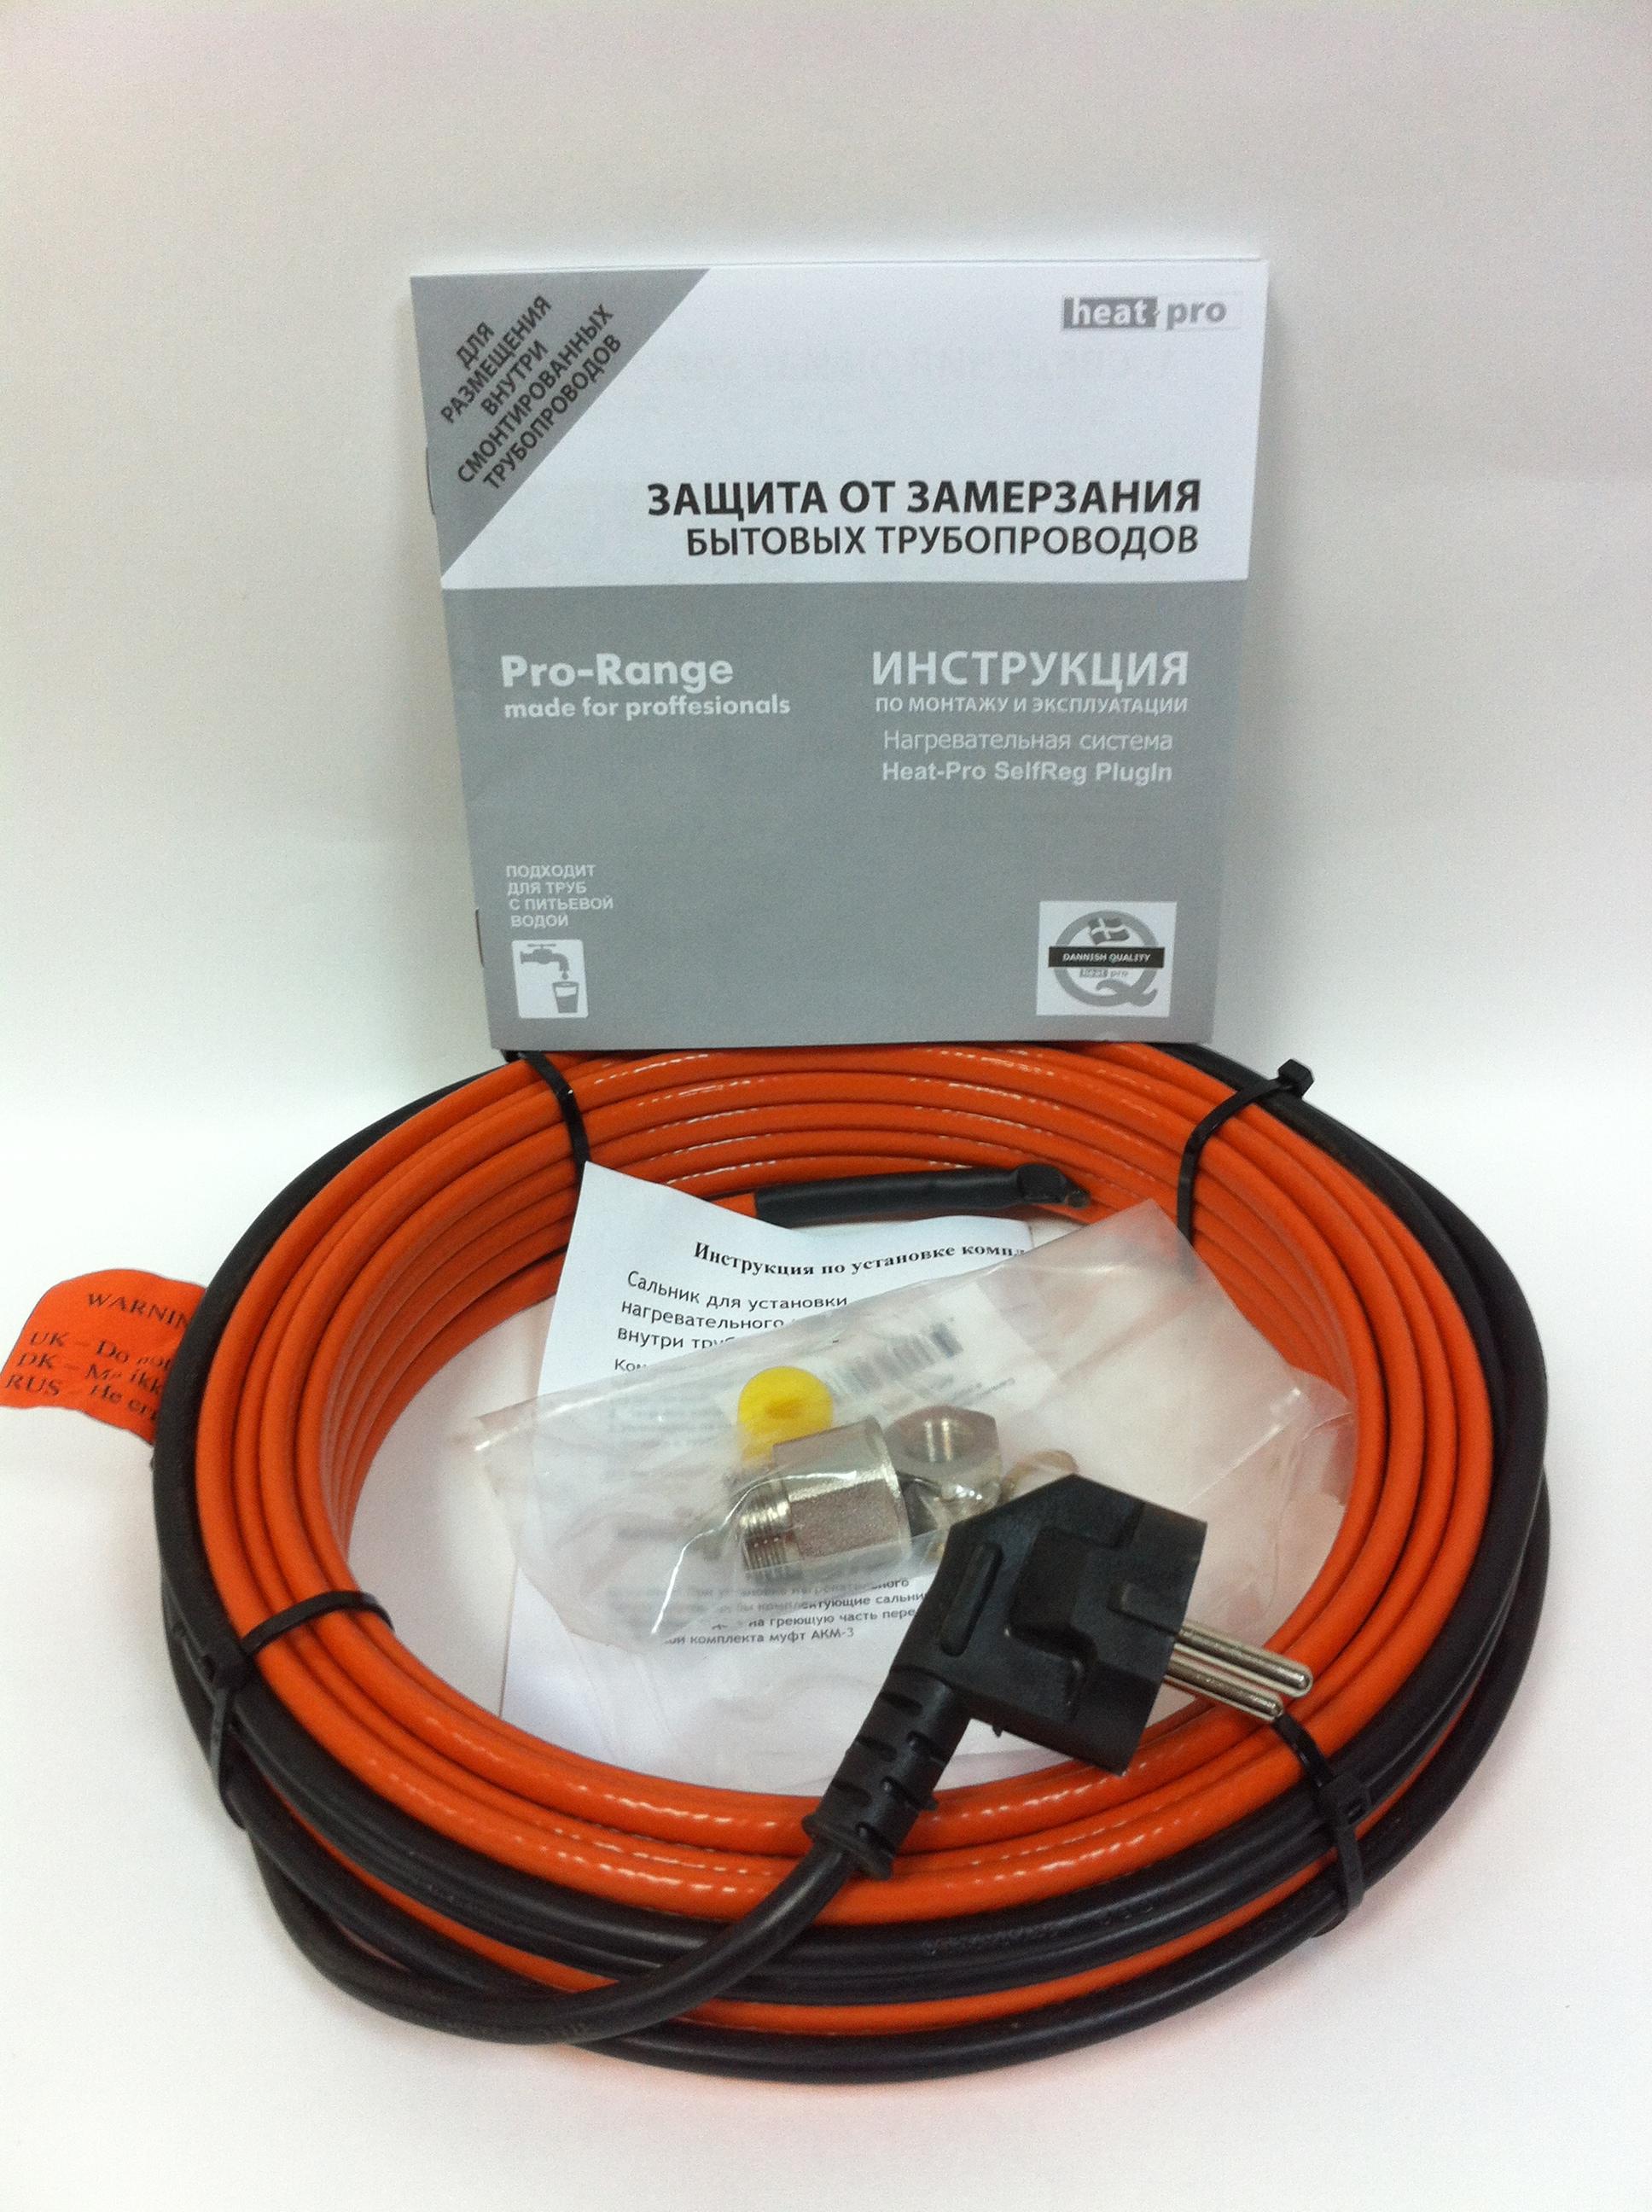 Heat-pro Selfreg Plugin 16w/m